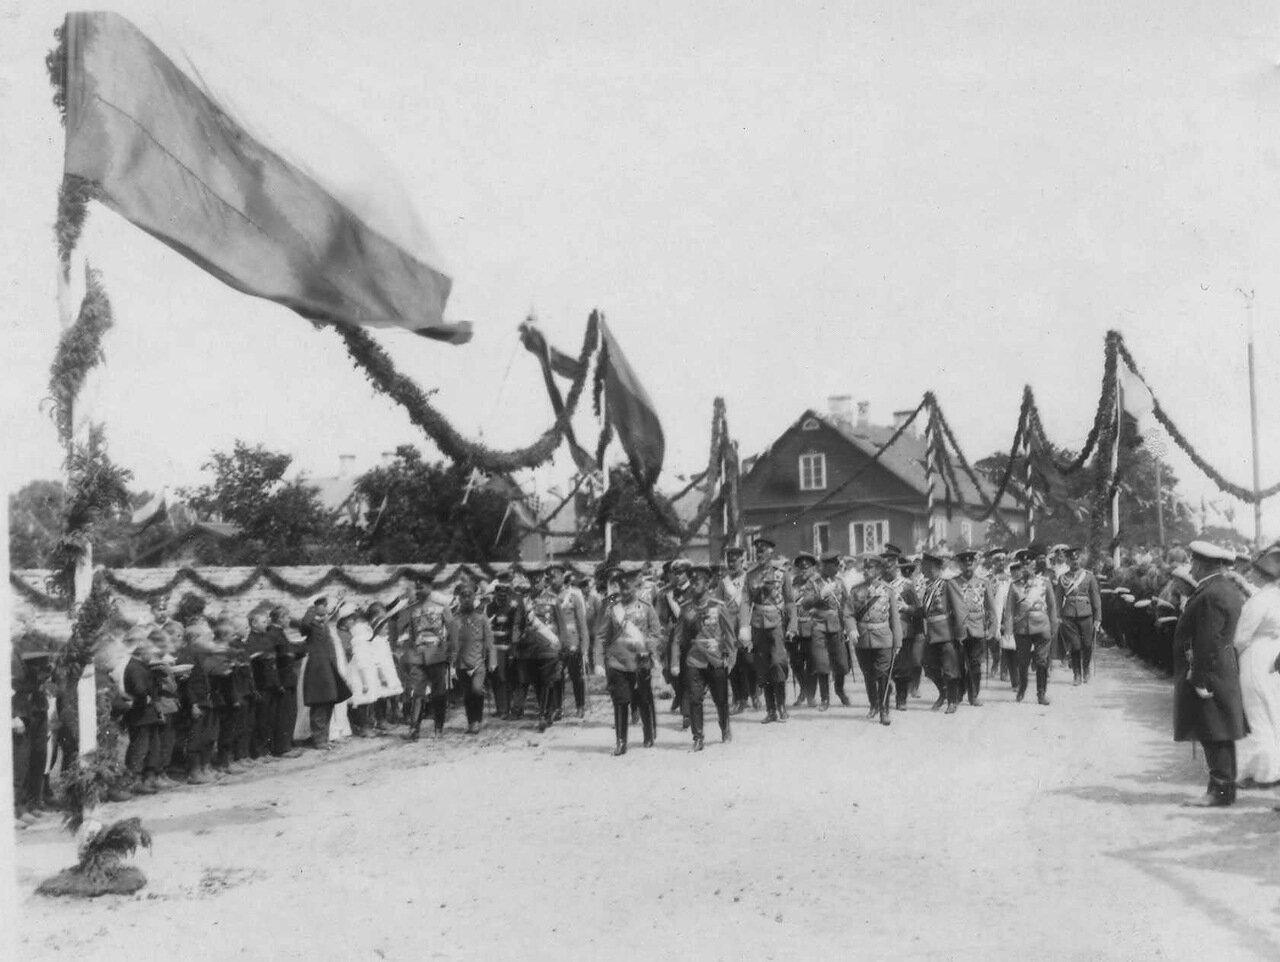 41. Императоры Николай II, Вильгельм II и сопровождающие их лица проходят мимо встречающих их жителей города